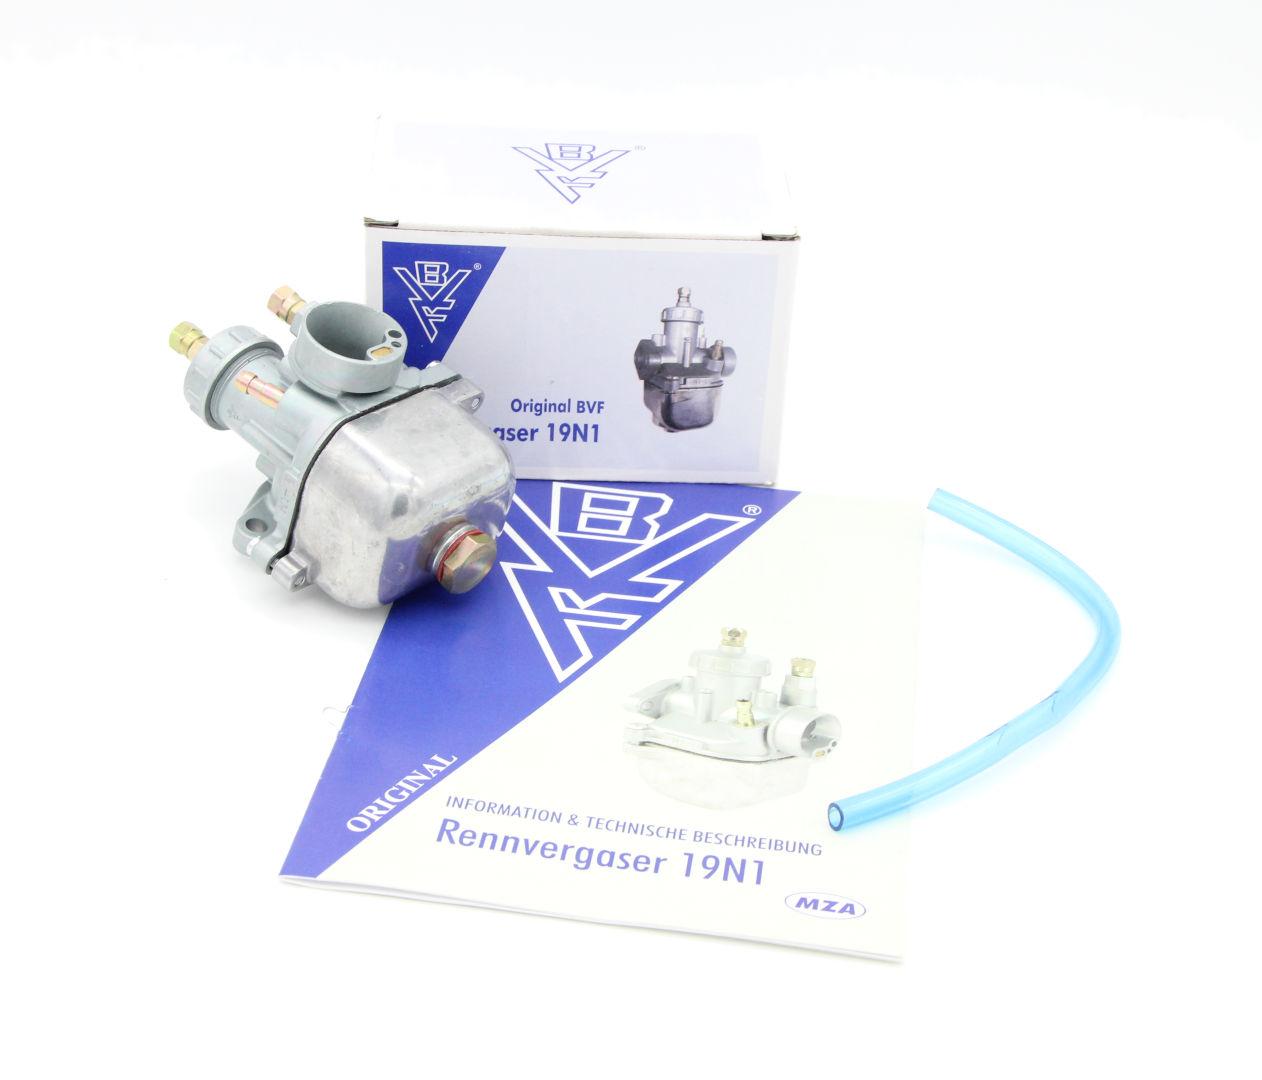 BVF-Rennvergaser 19N1-11- z.B. für S51, S70